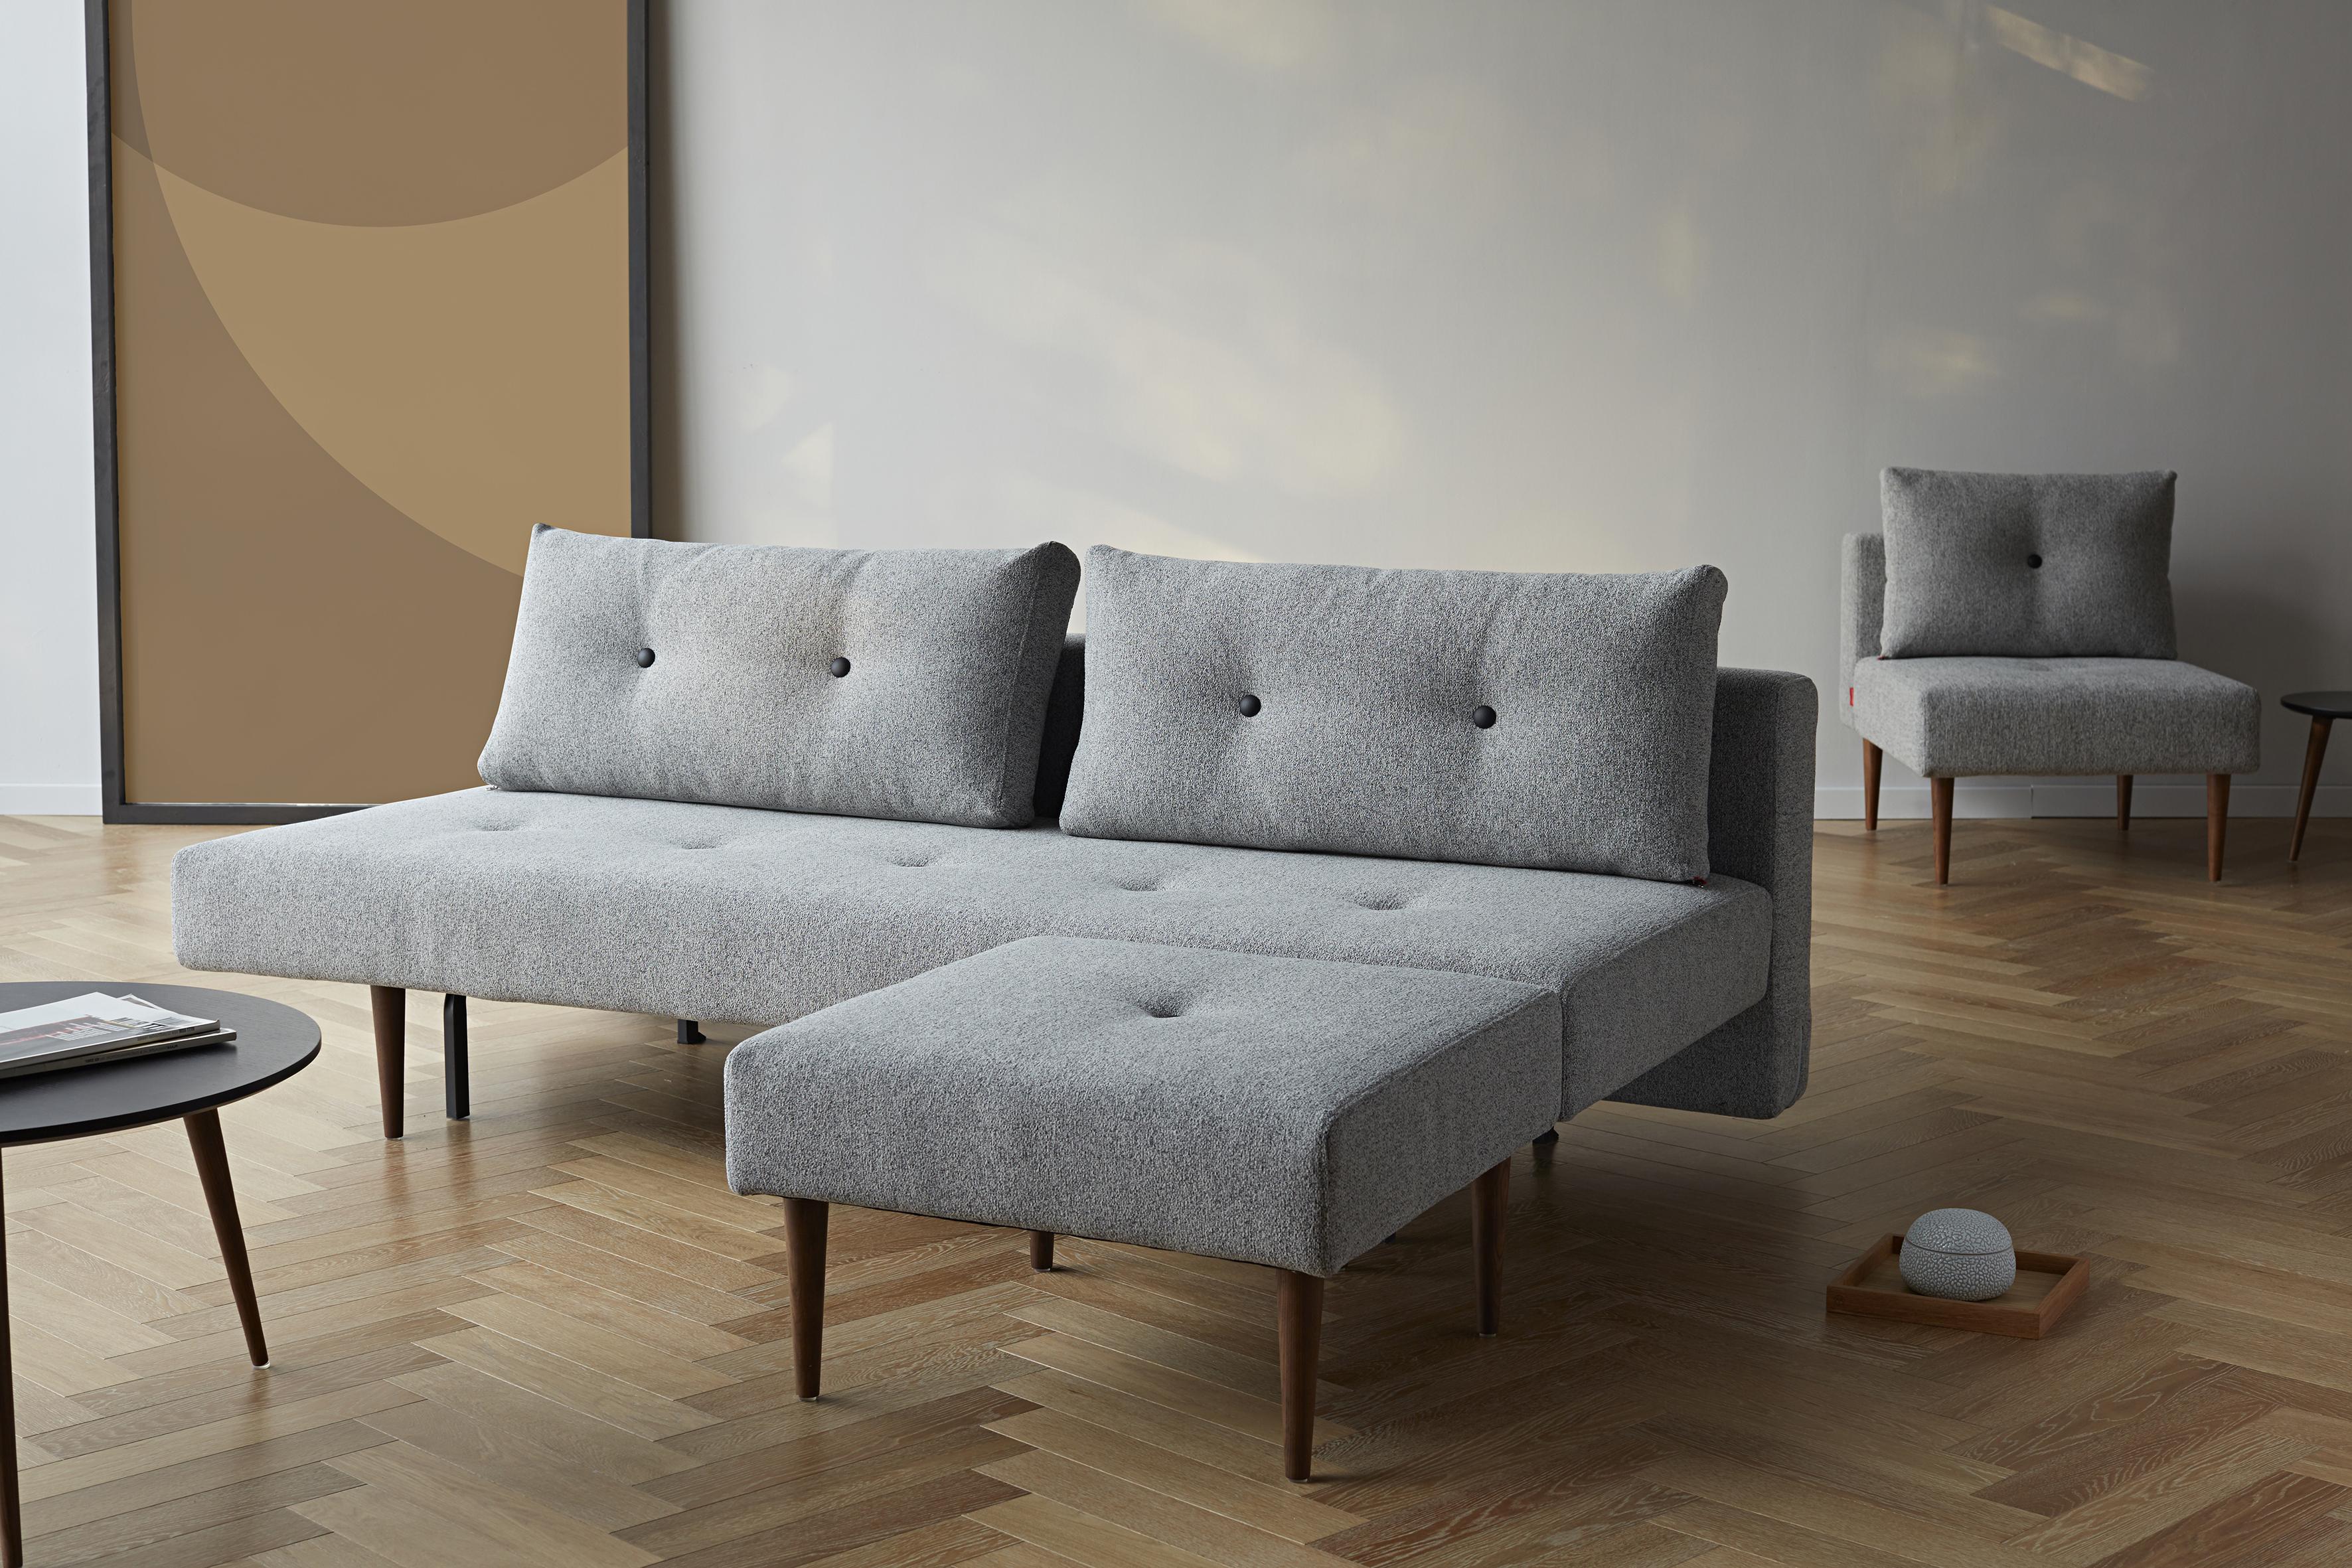 Sofas Puff Jxdu Recast Plus Special sofa Moor